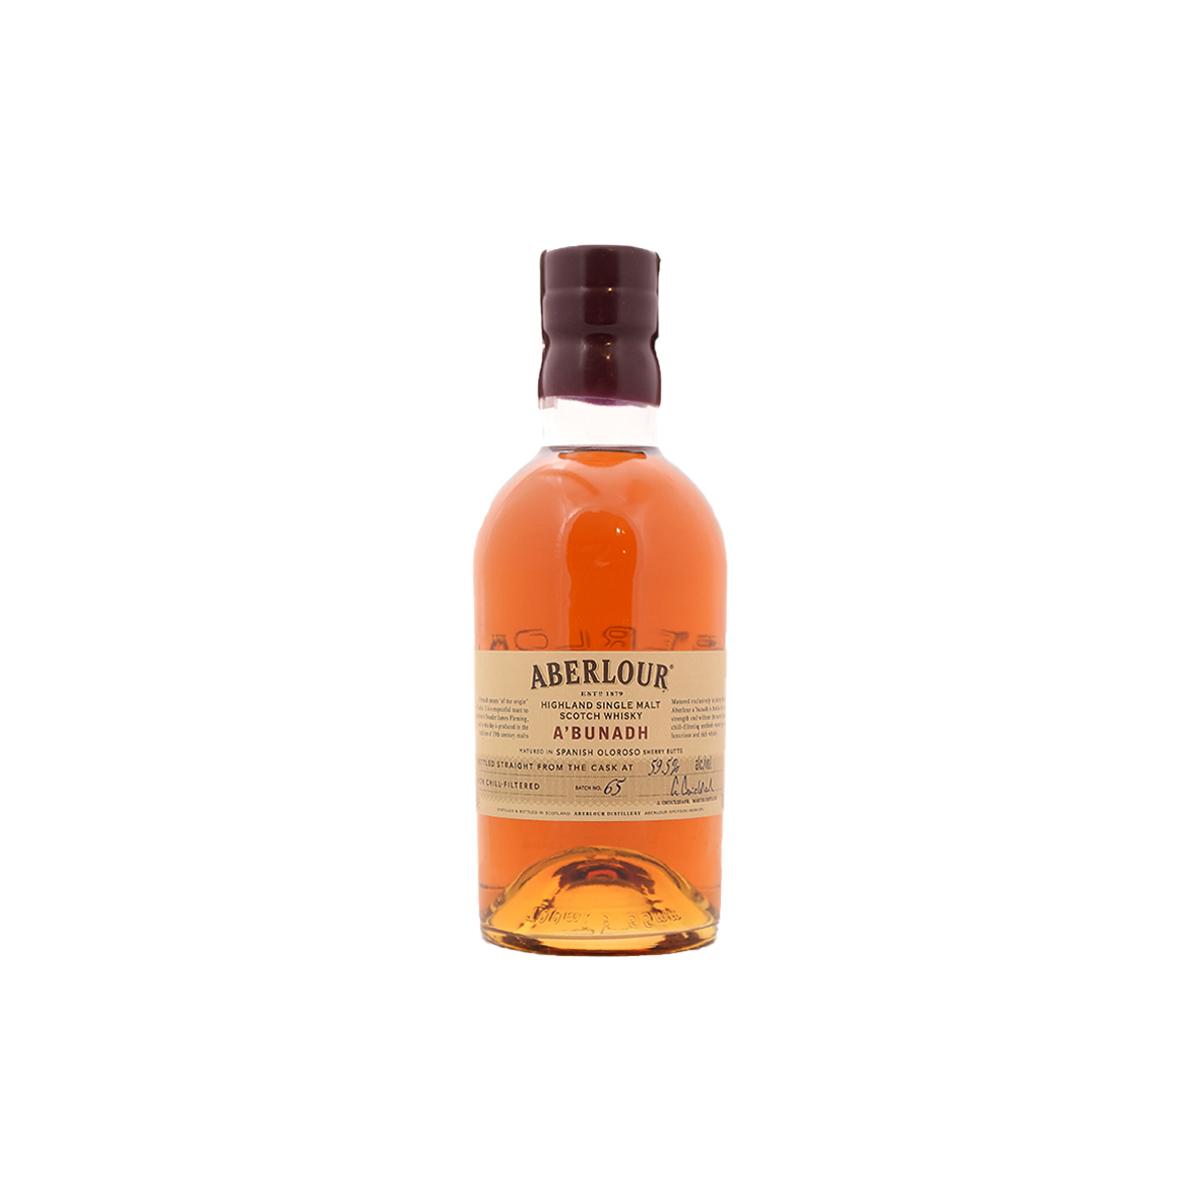 Aberlour A'bunadh Batch No.65 (59.5%) - 30 ml.